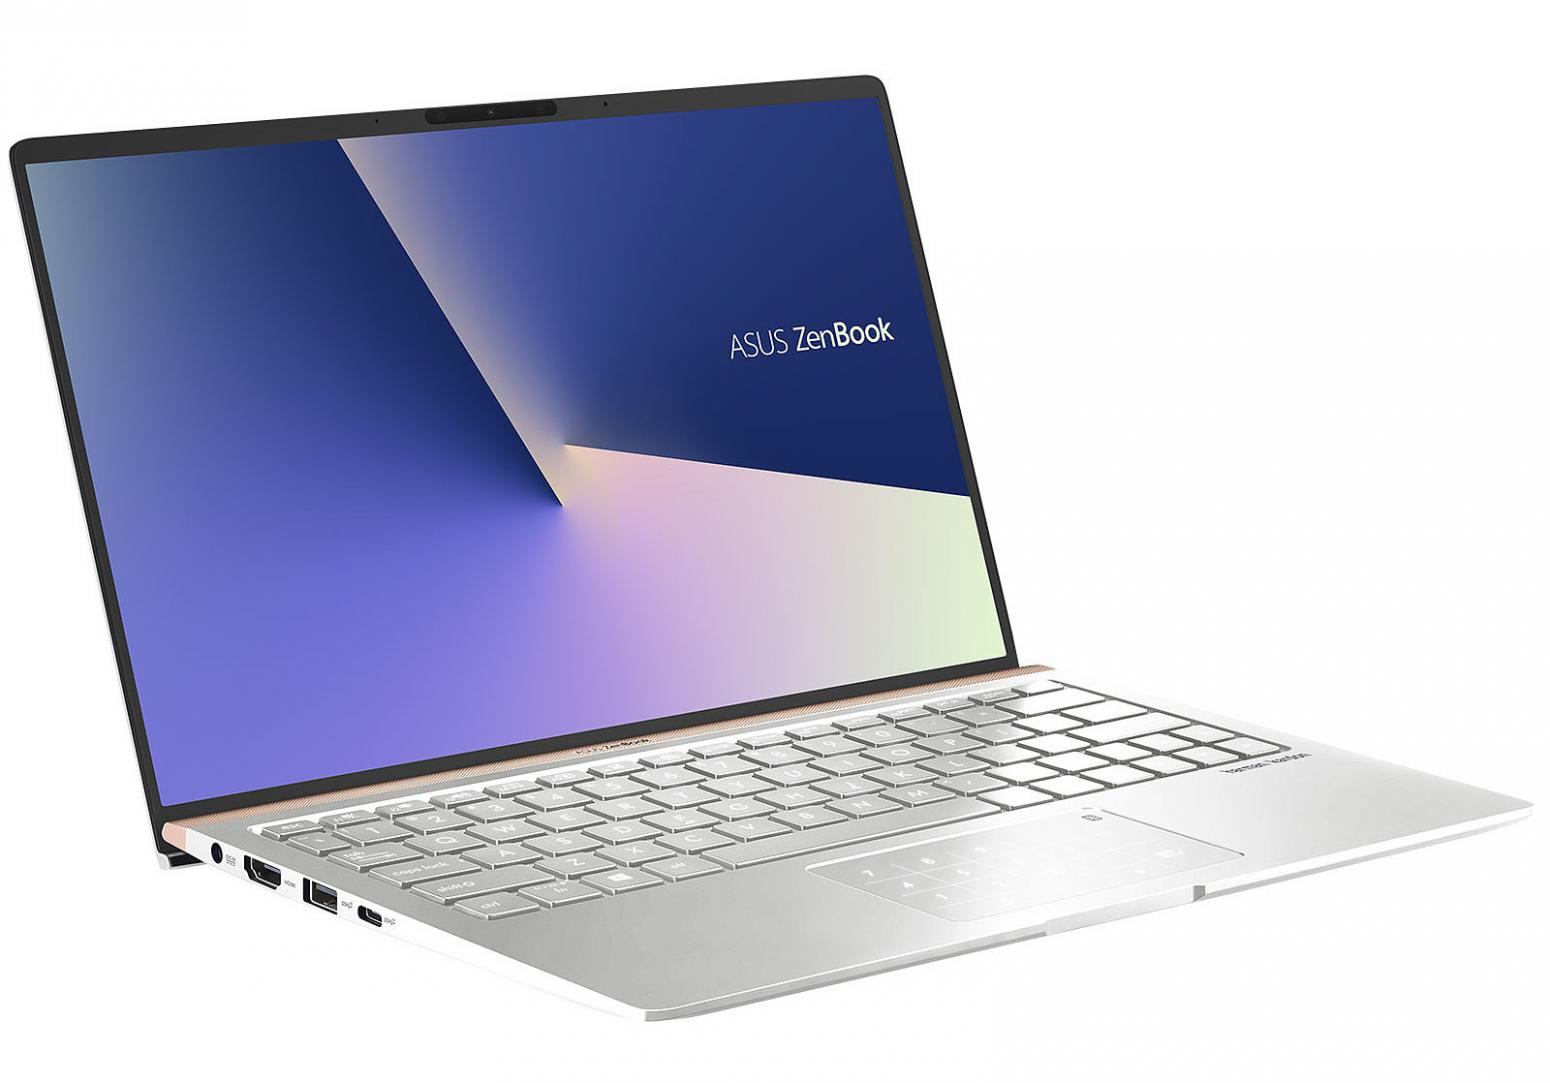 Image du PC portable Asus Zenbook 13 UX333FA-A3238R Argent - NumPad, Pro